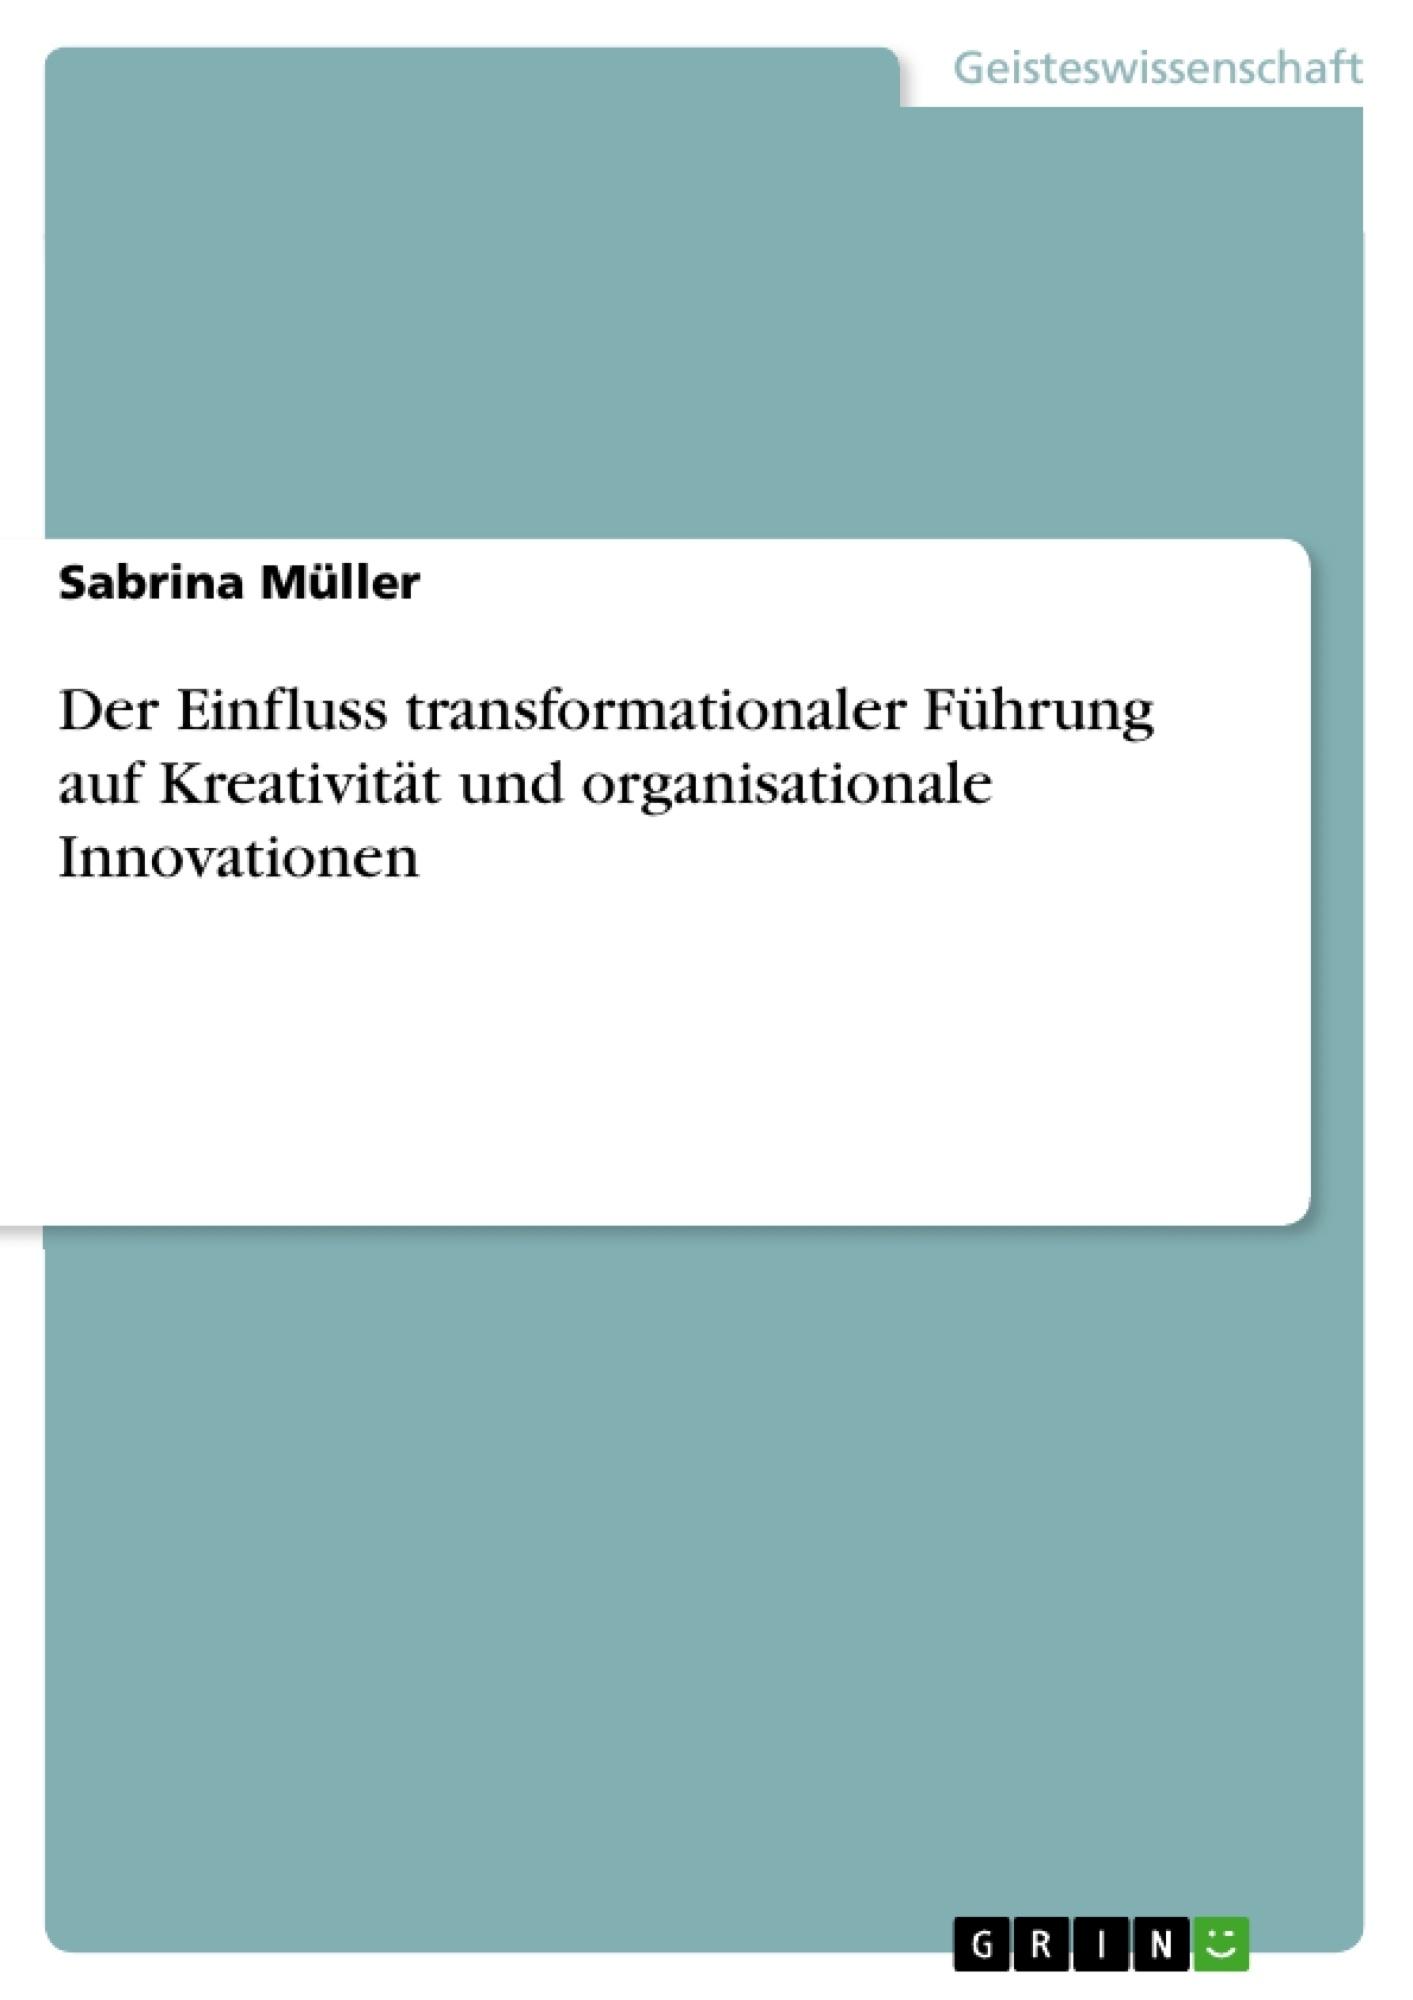 Titel: Der Einfluss transformationaler Führung auf Kreativität und organisationale Innovationen